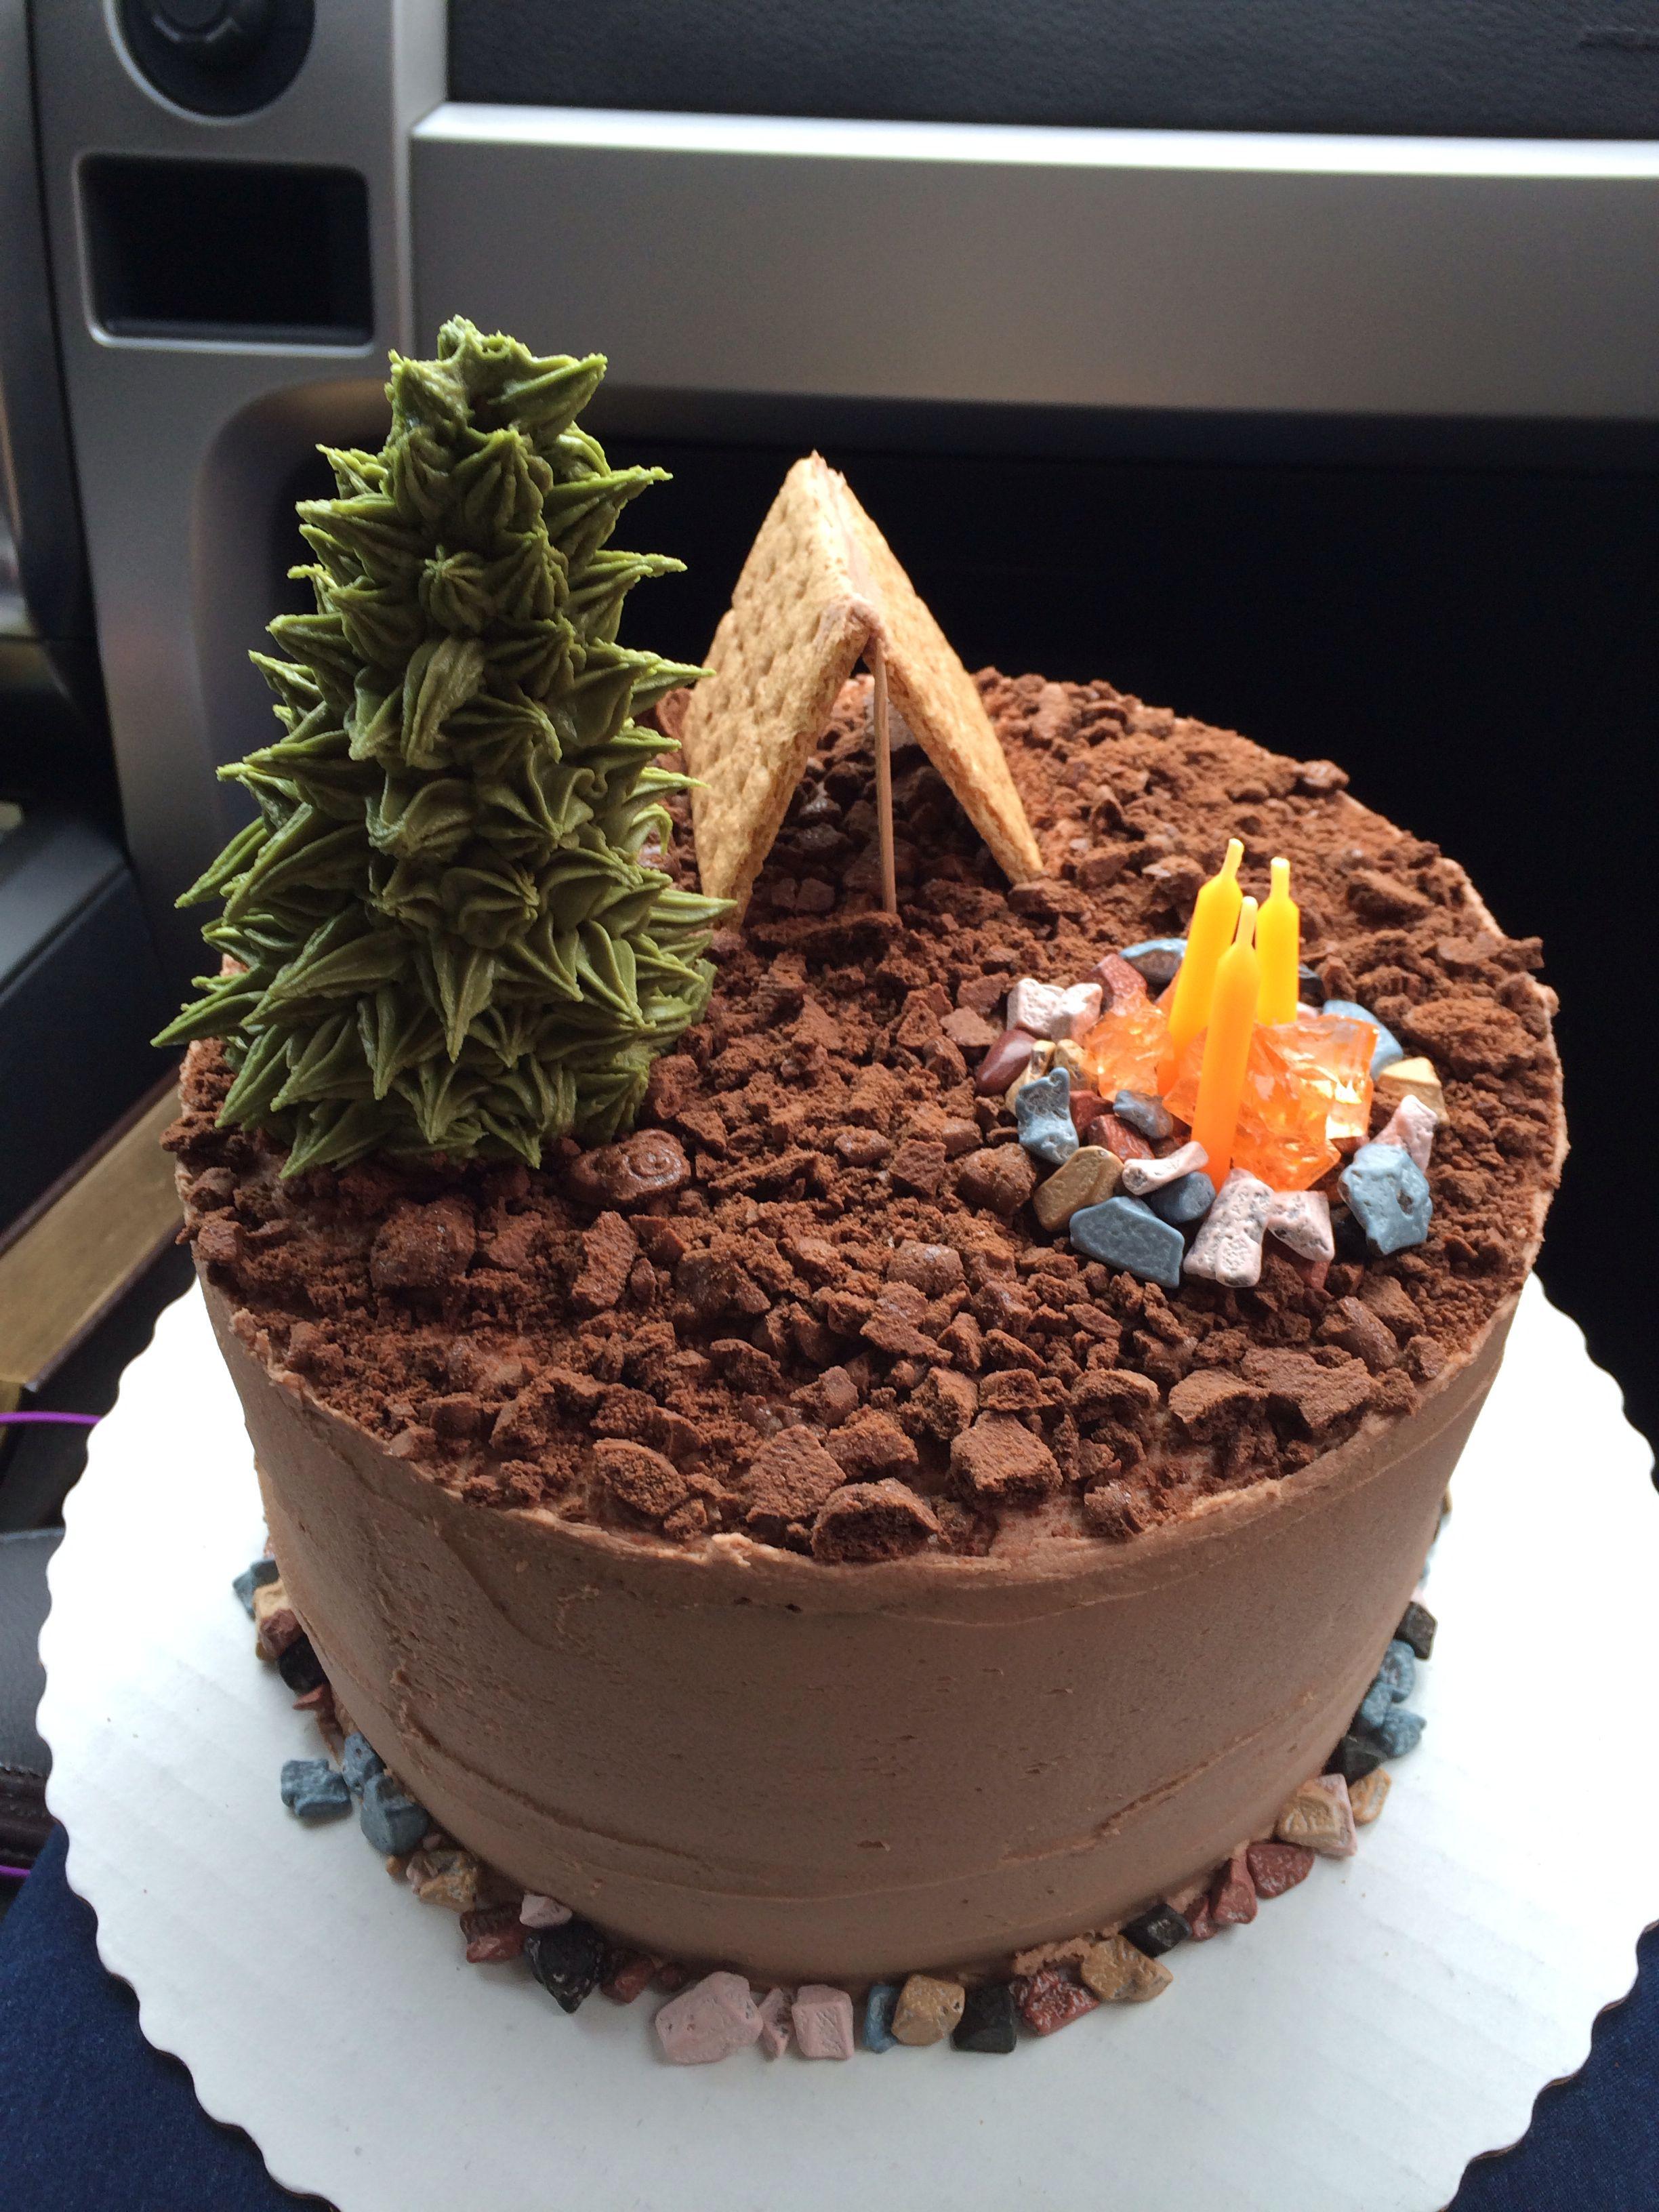 Camping Cake Camping Cakes Camping Birthday Cake Cake Decorating